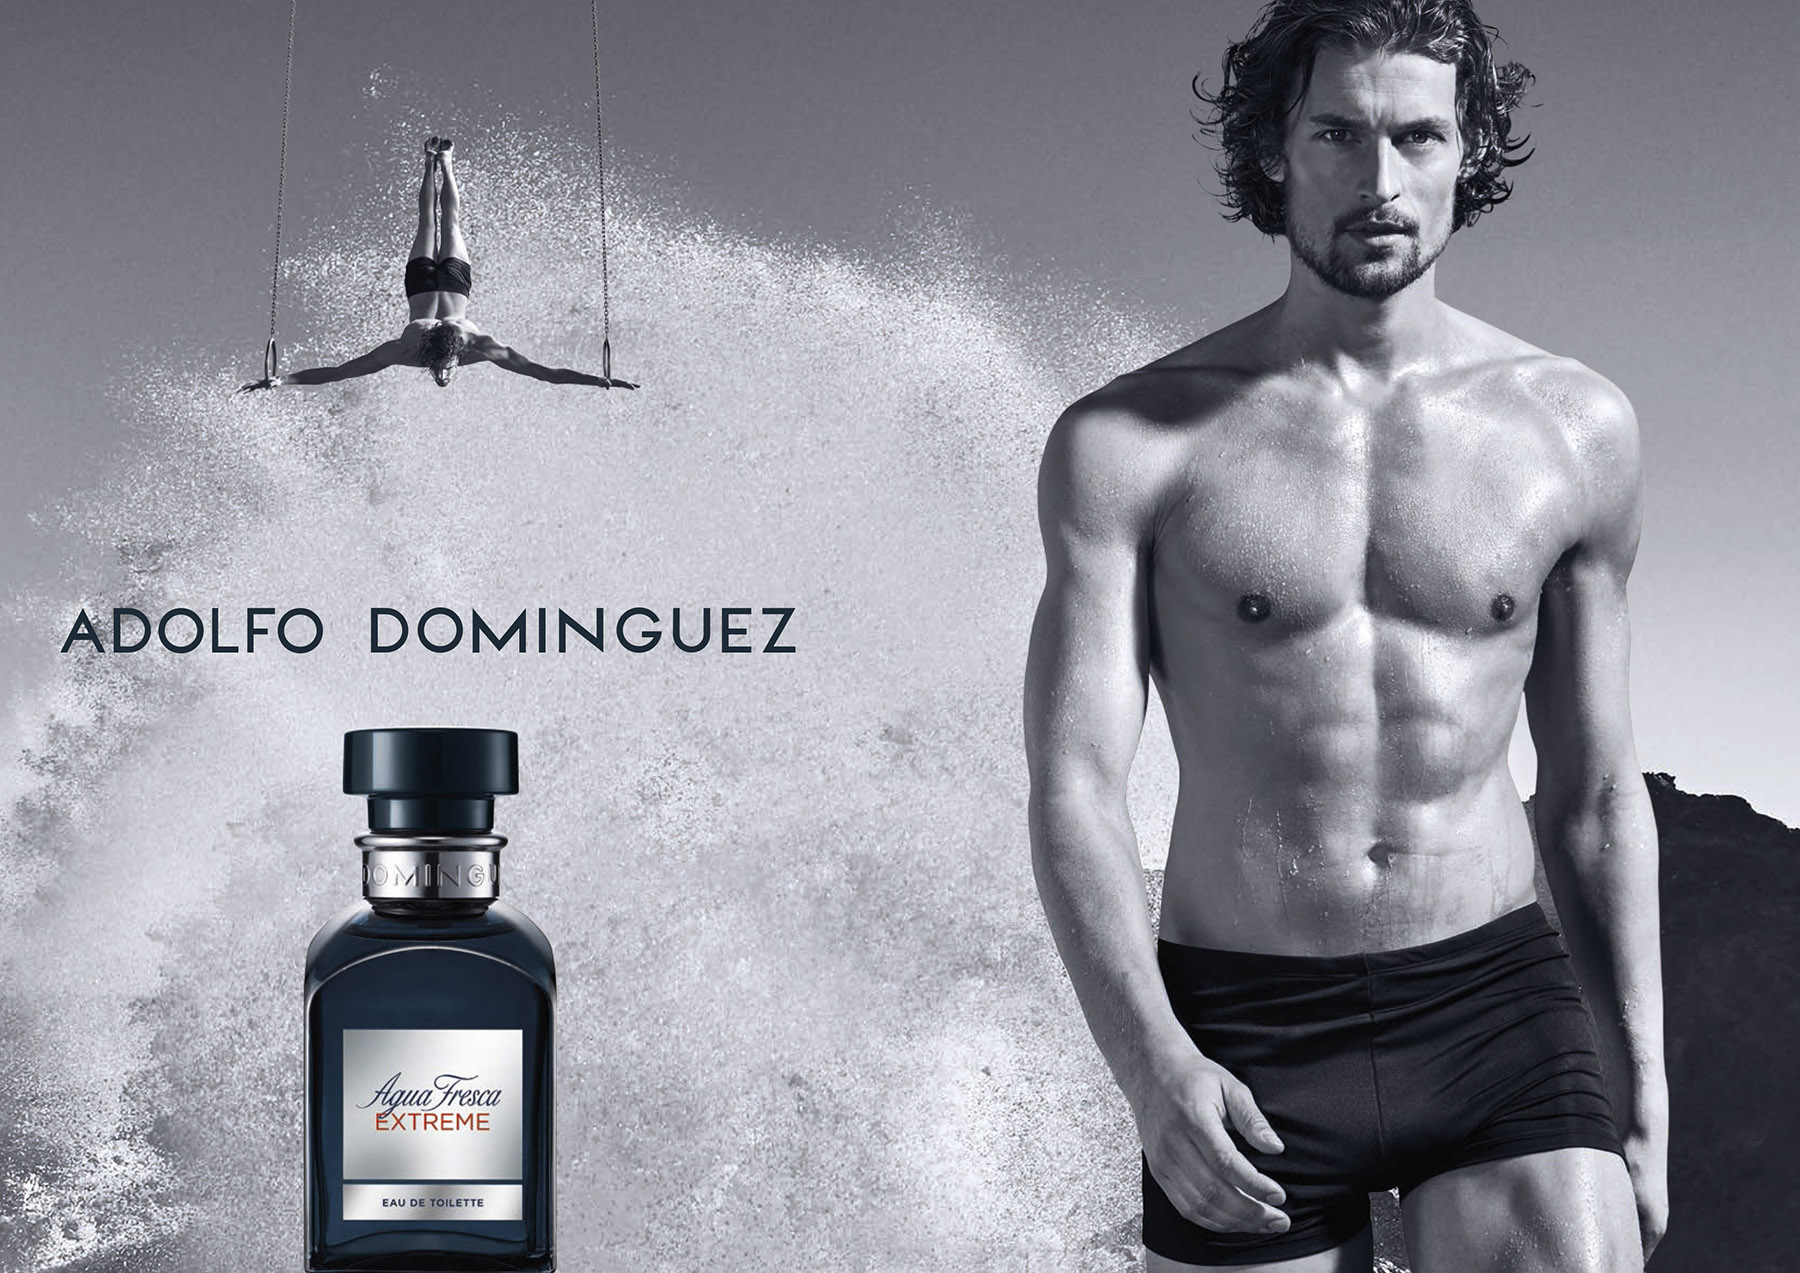 WOUTER PEELEN FOR ADOLFO DOMINGUEZ PERFUM